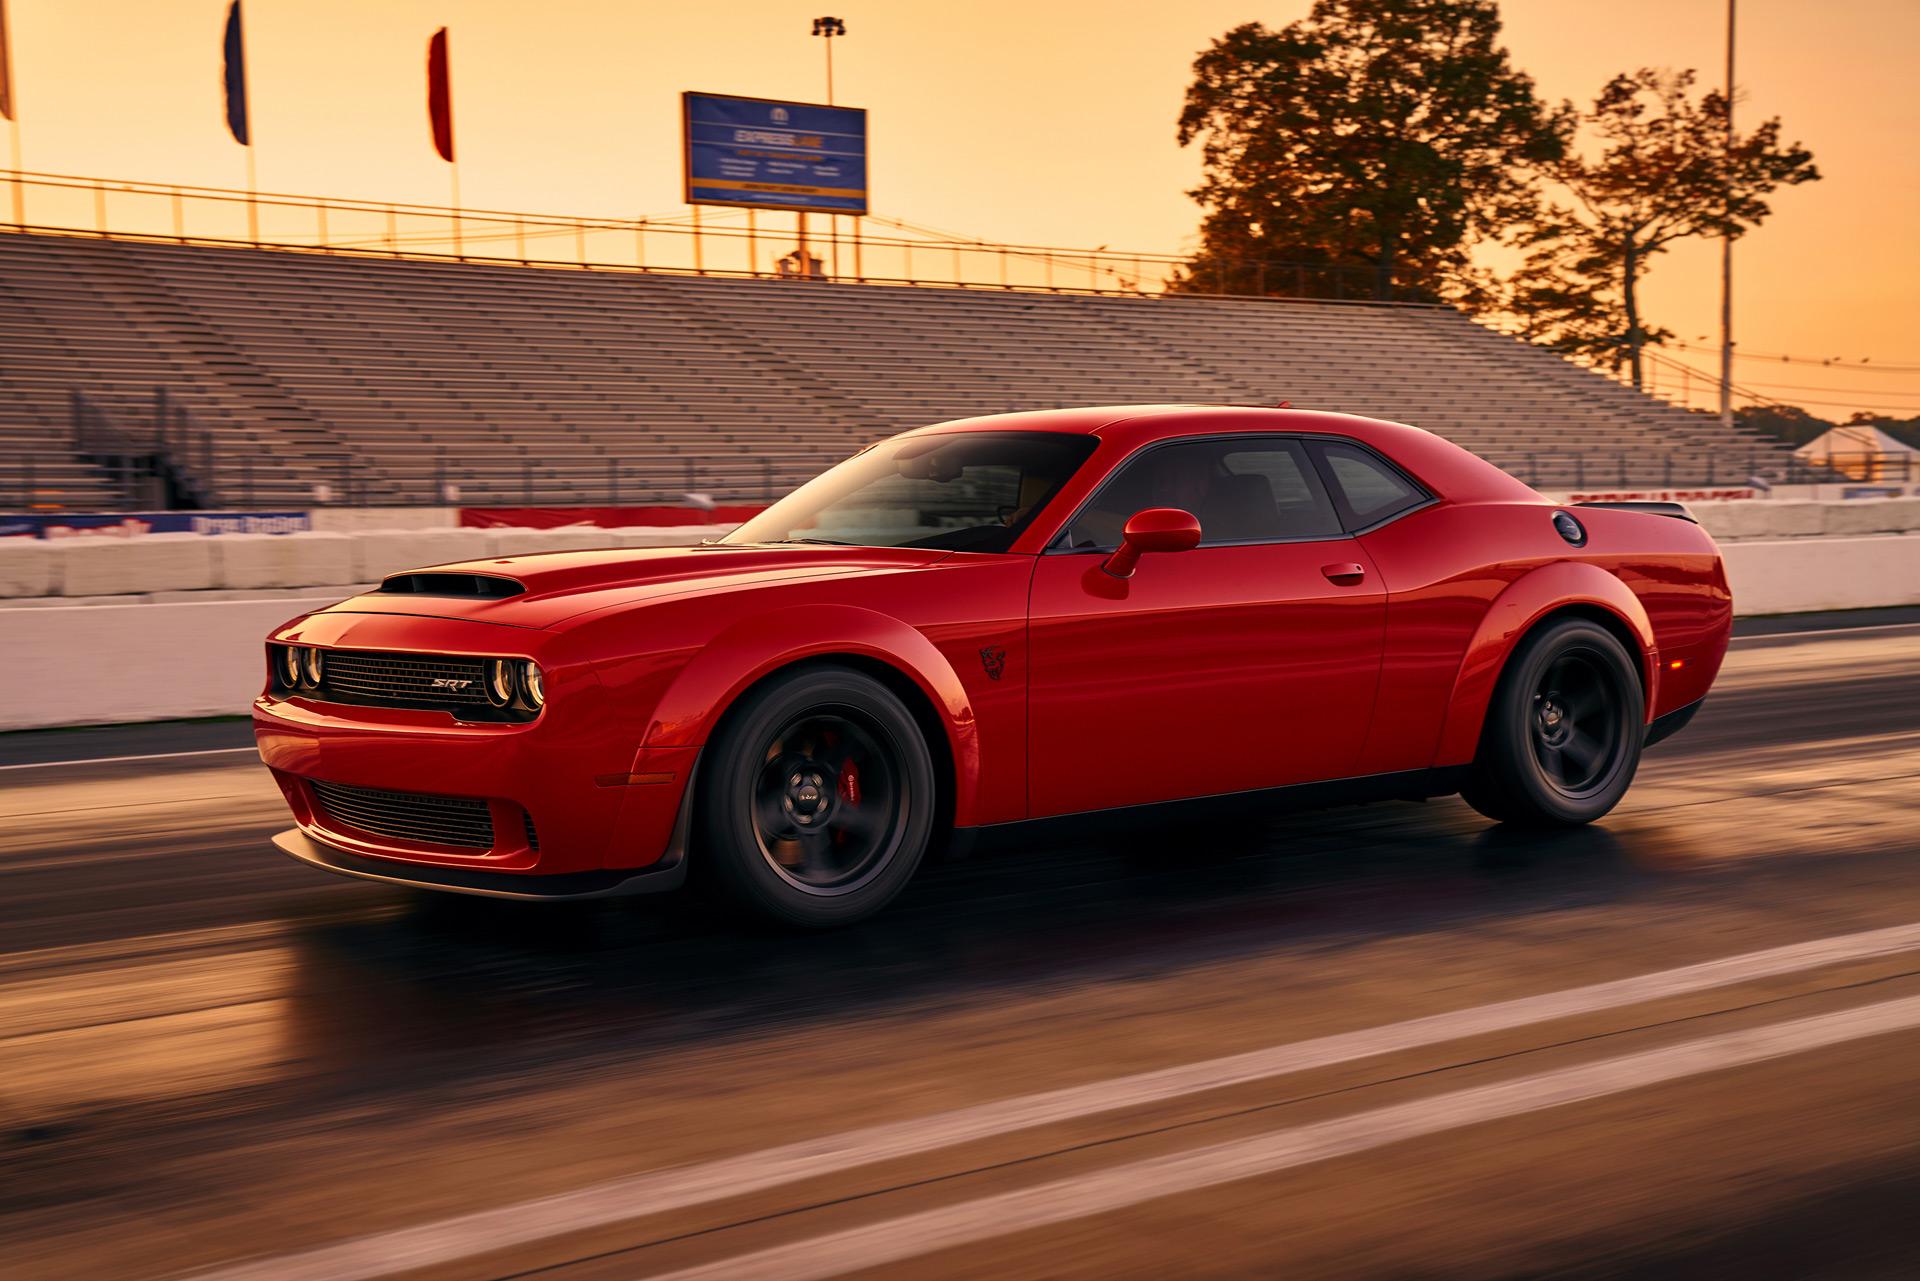 2018 Dodge Challenger SRT Demon will be priced under $100,000